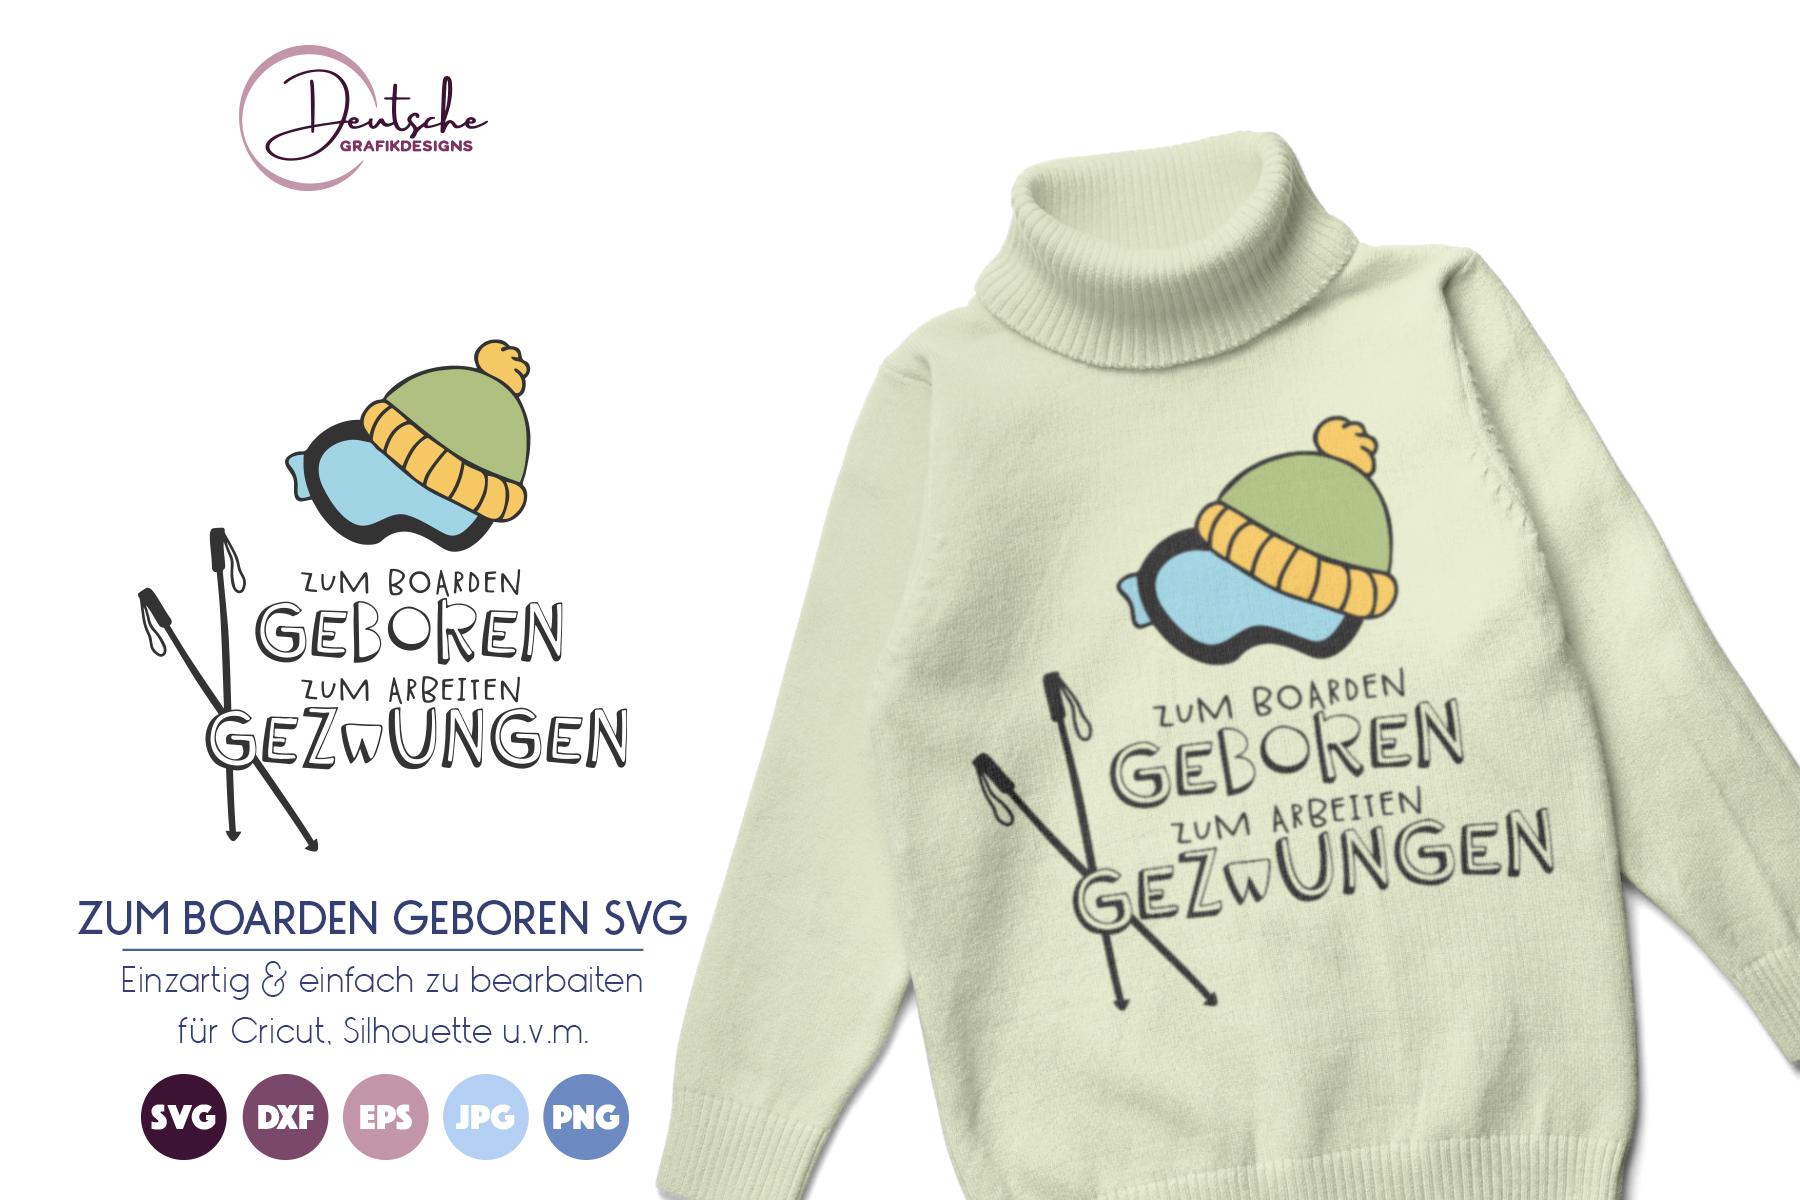 Zum boarden geboren | Snowboarder SVG example image 1